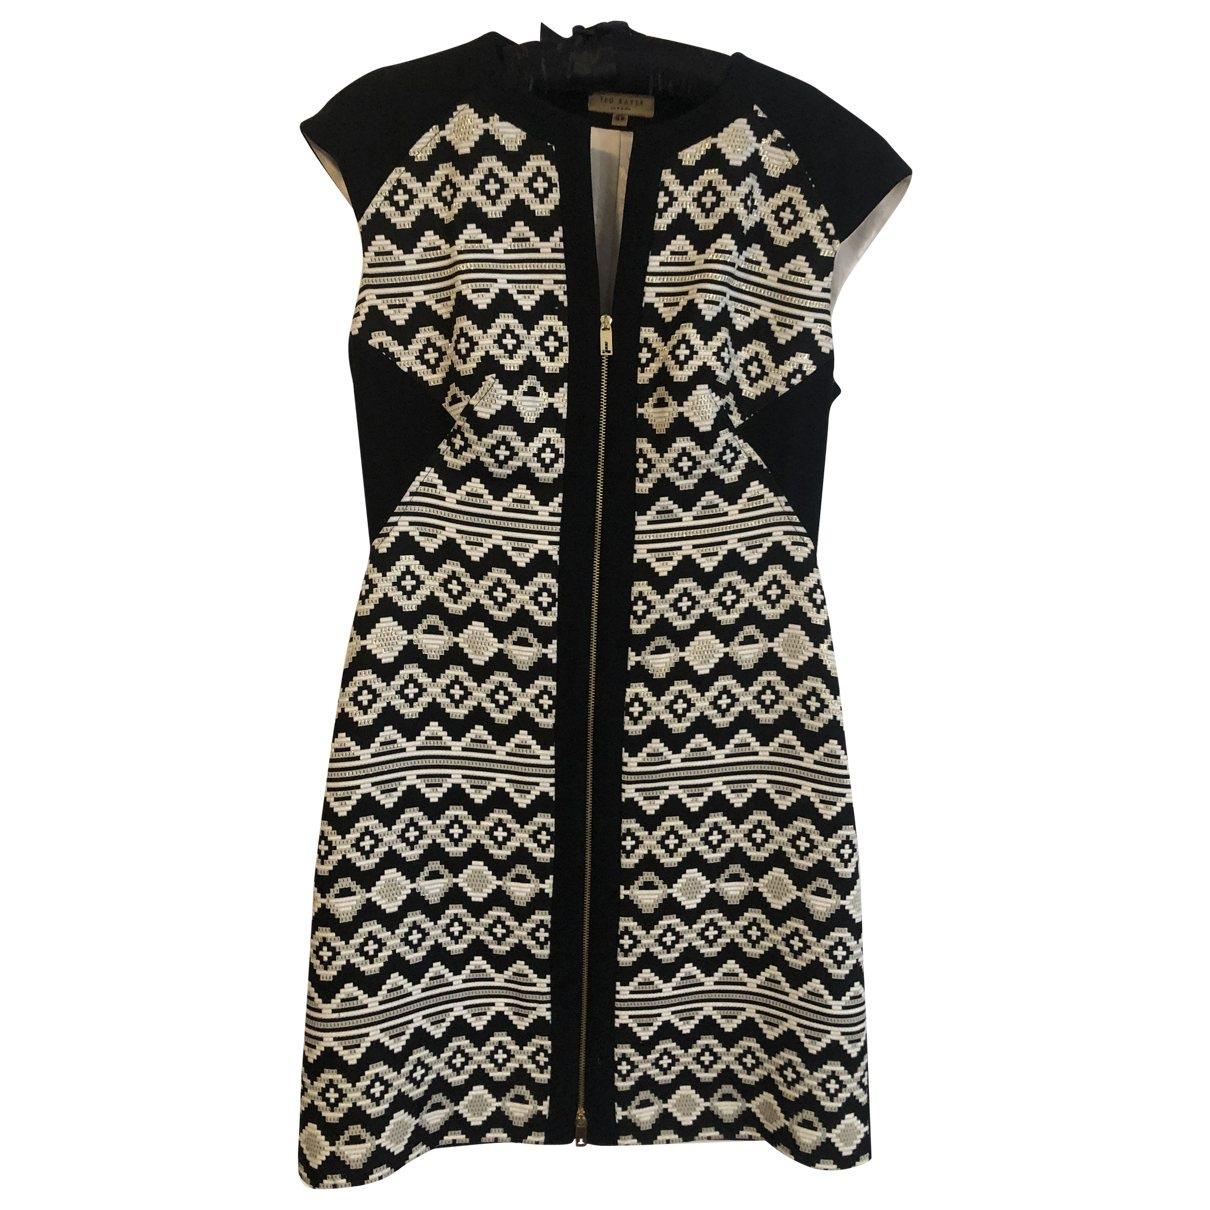 Ted Baker \N Black dress for Women 36 FR